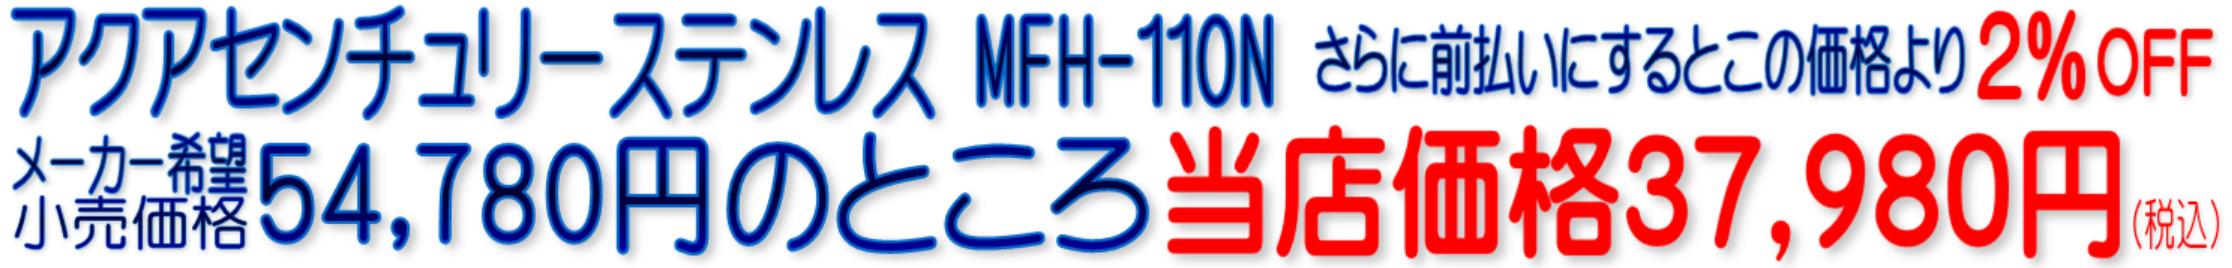 アクアセンチュリーステンレス MFH-110N